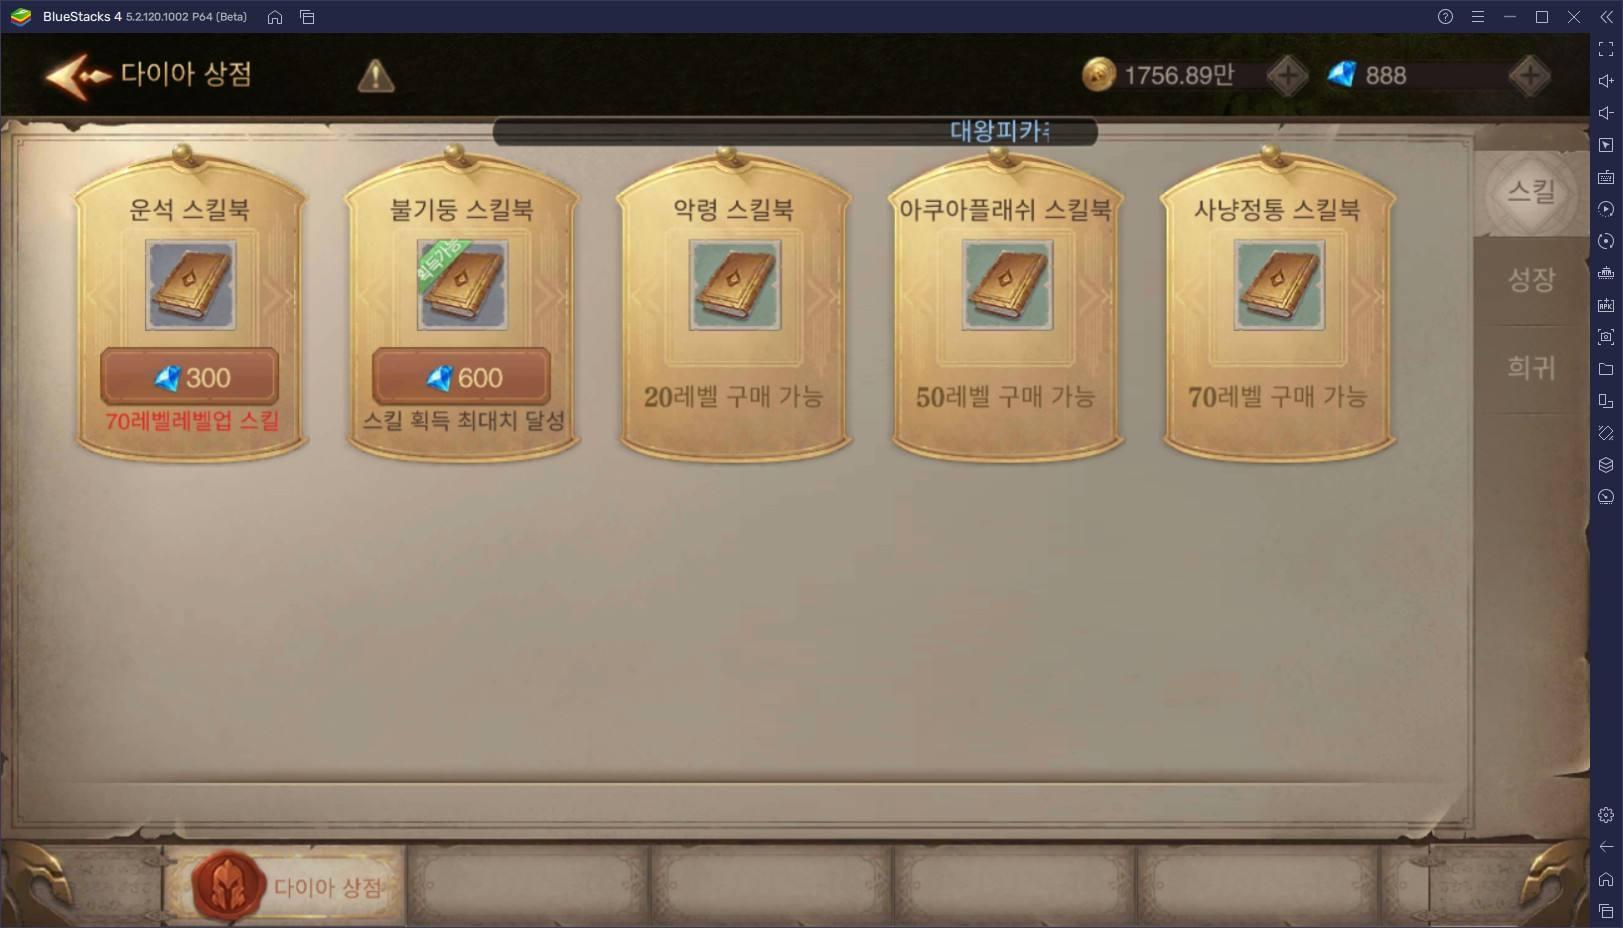 뮤 아크엔젤2 9일 오픈, 집단 육성 MMORPG의 재미를 블루스택으로 제대로 느껴보세요!